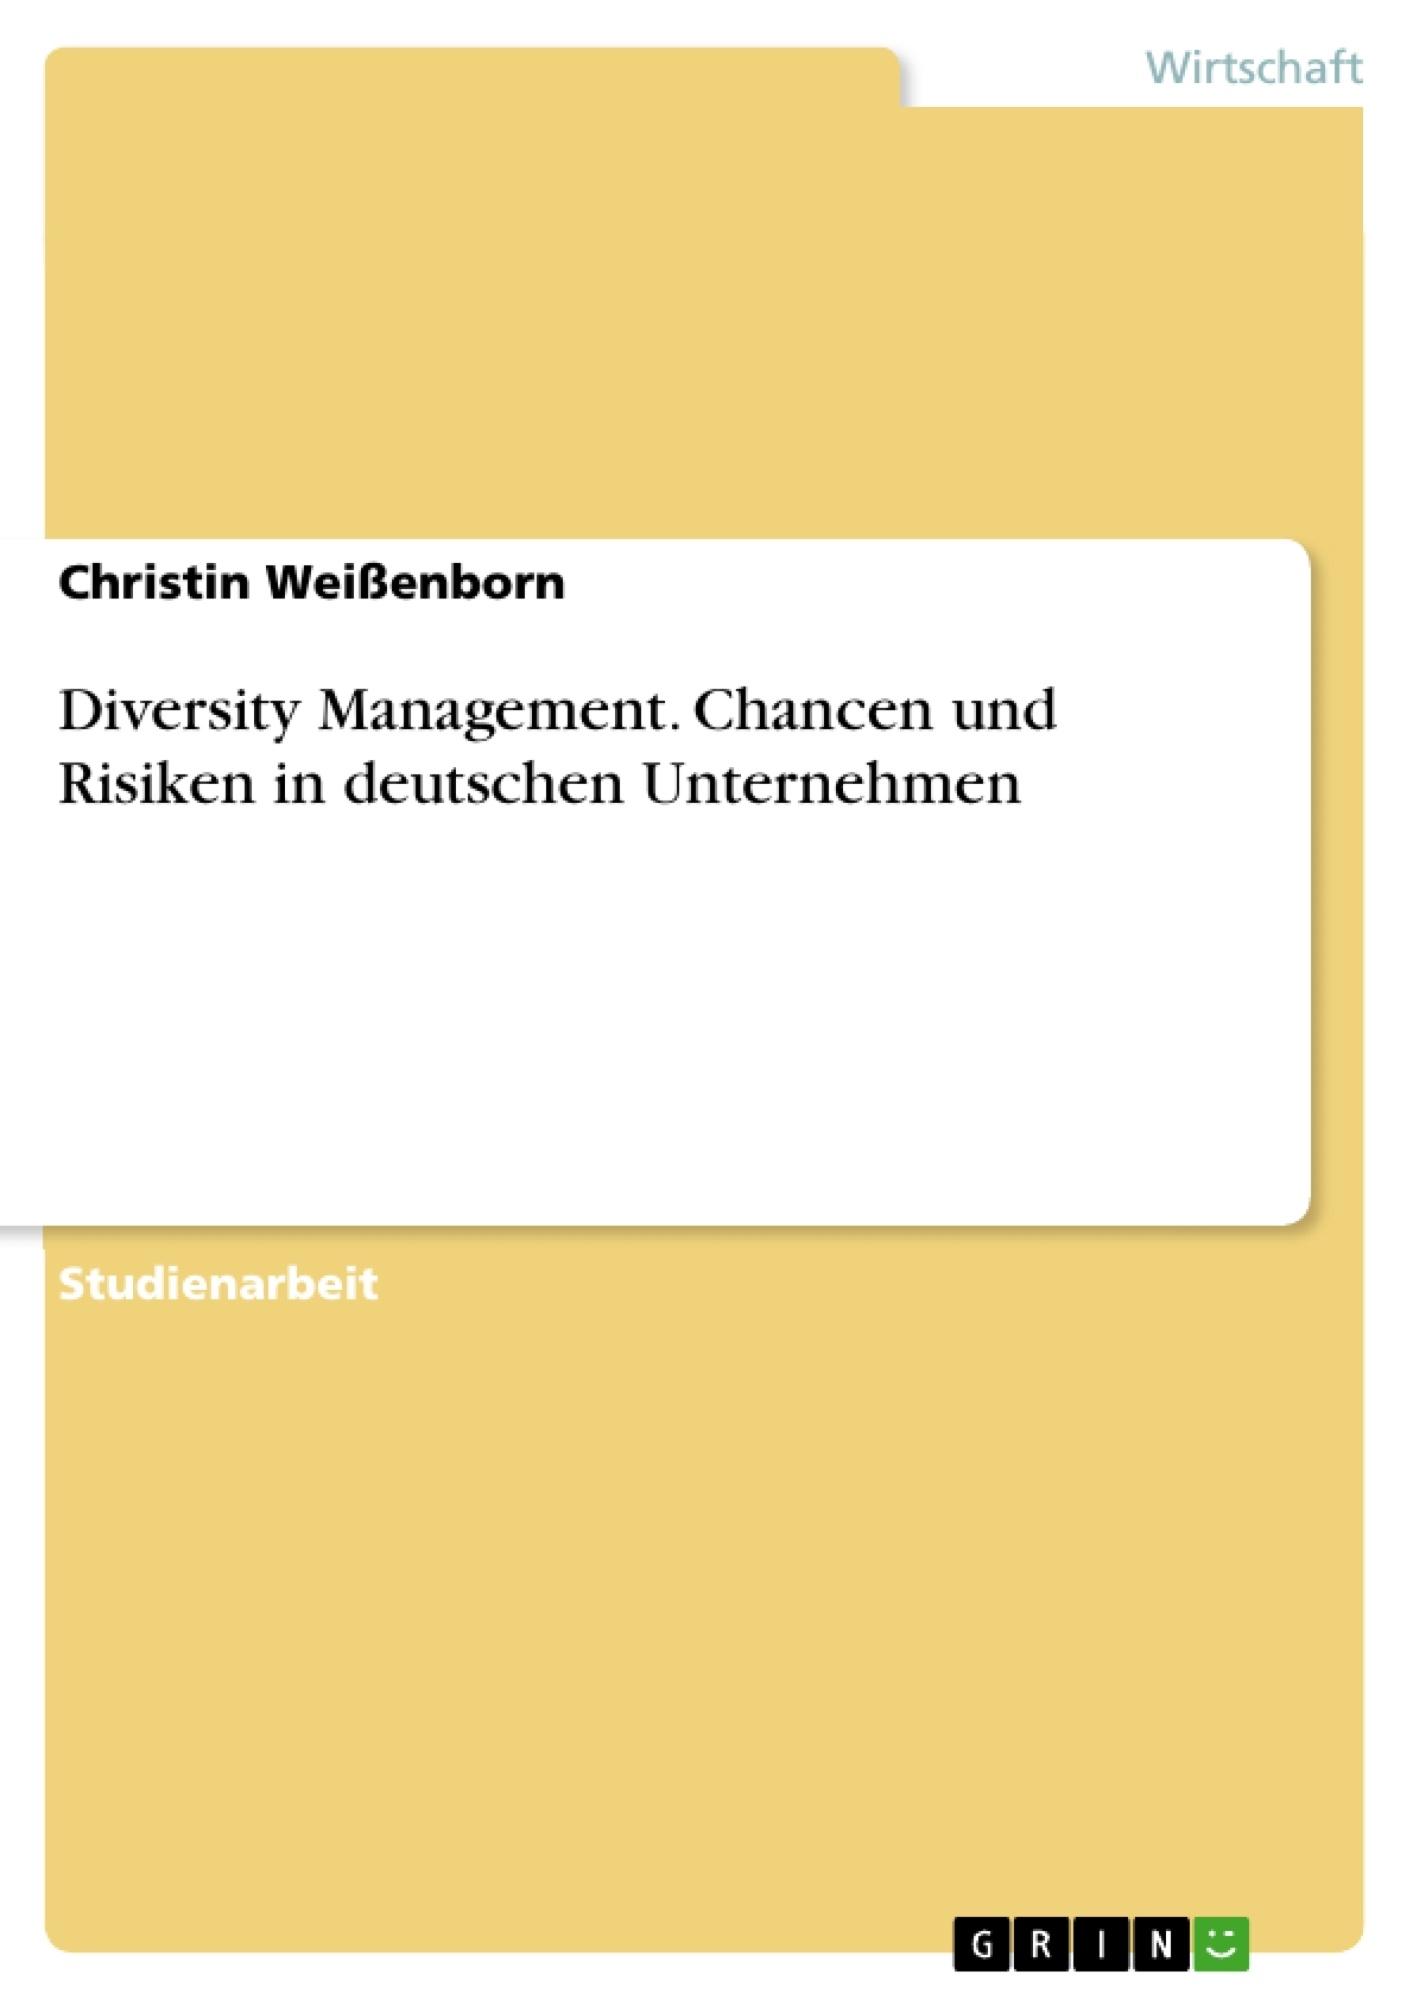 Titel: Diversity Management. Chancen und Risiken in deutschen Unternehmen